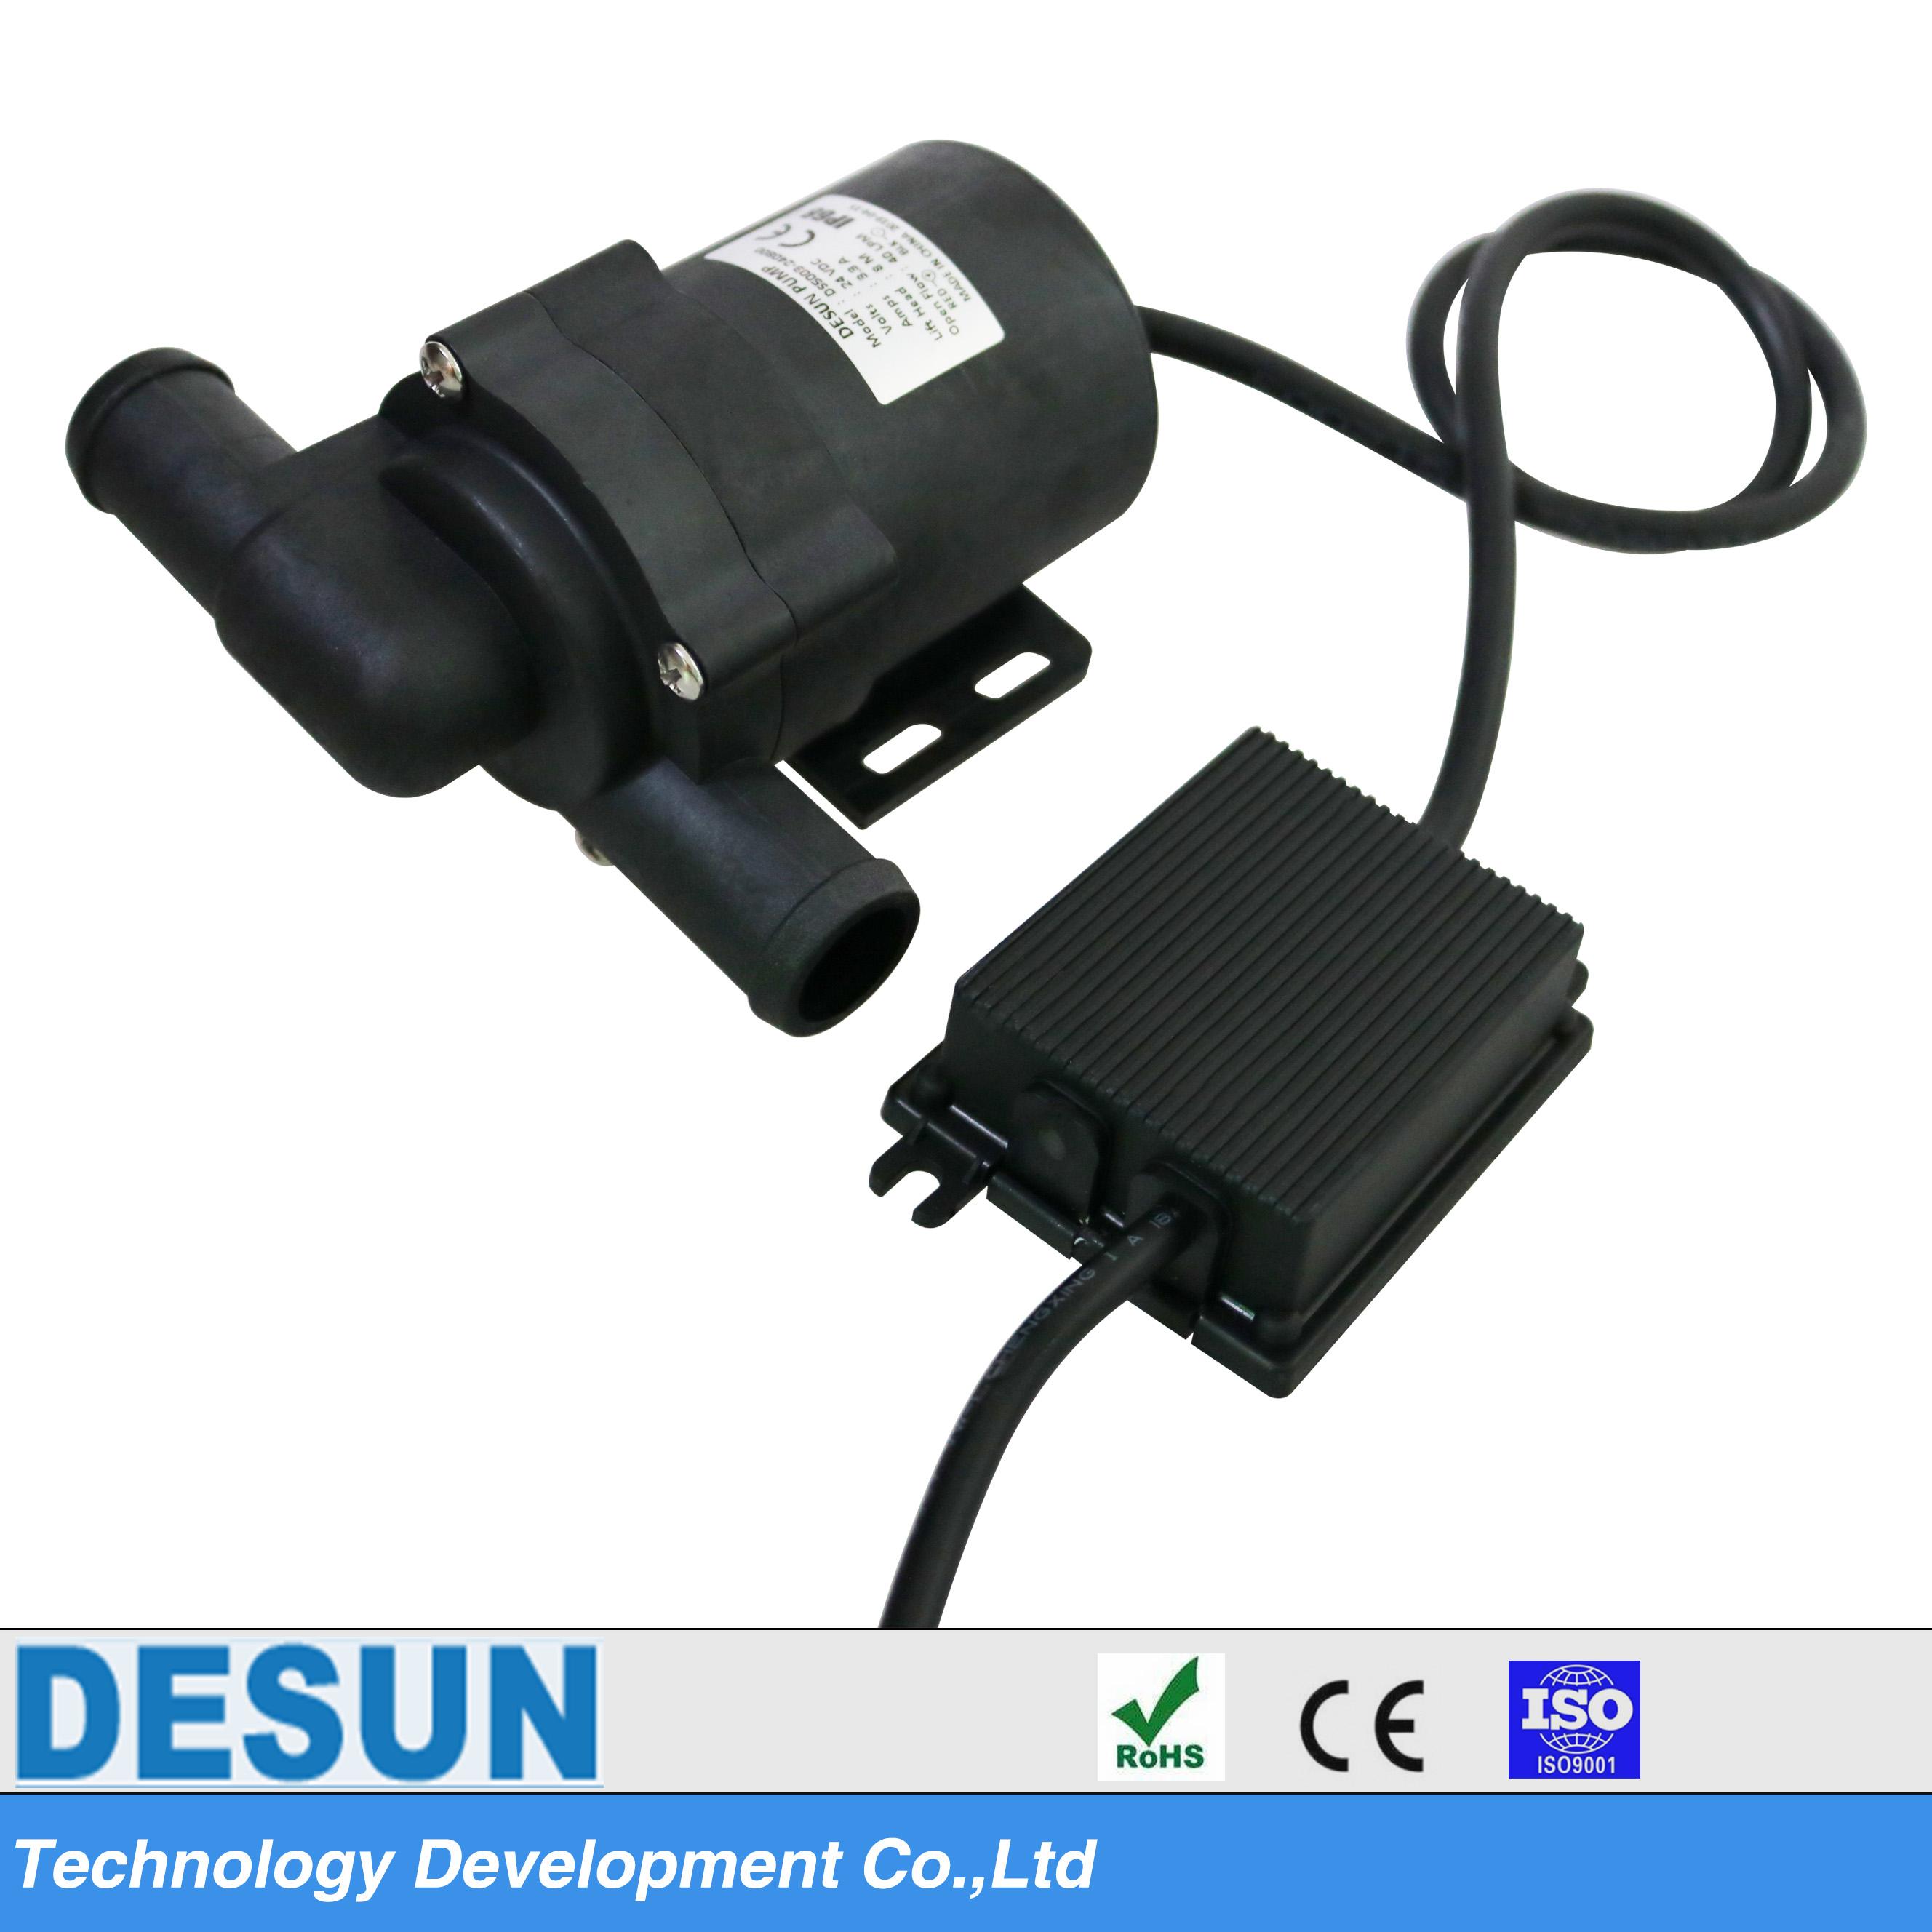 微型循环汽车电子水泵DS5003